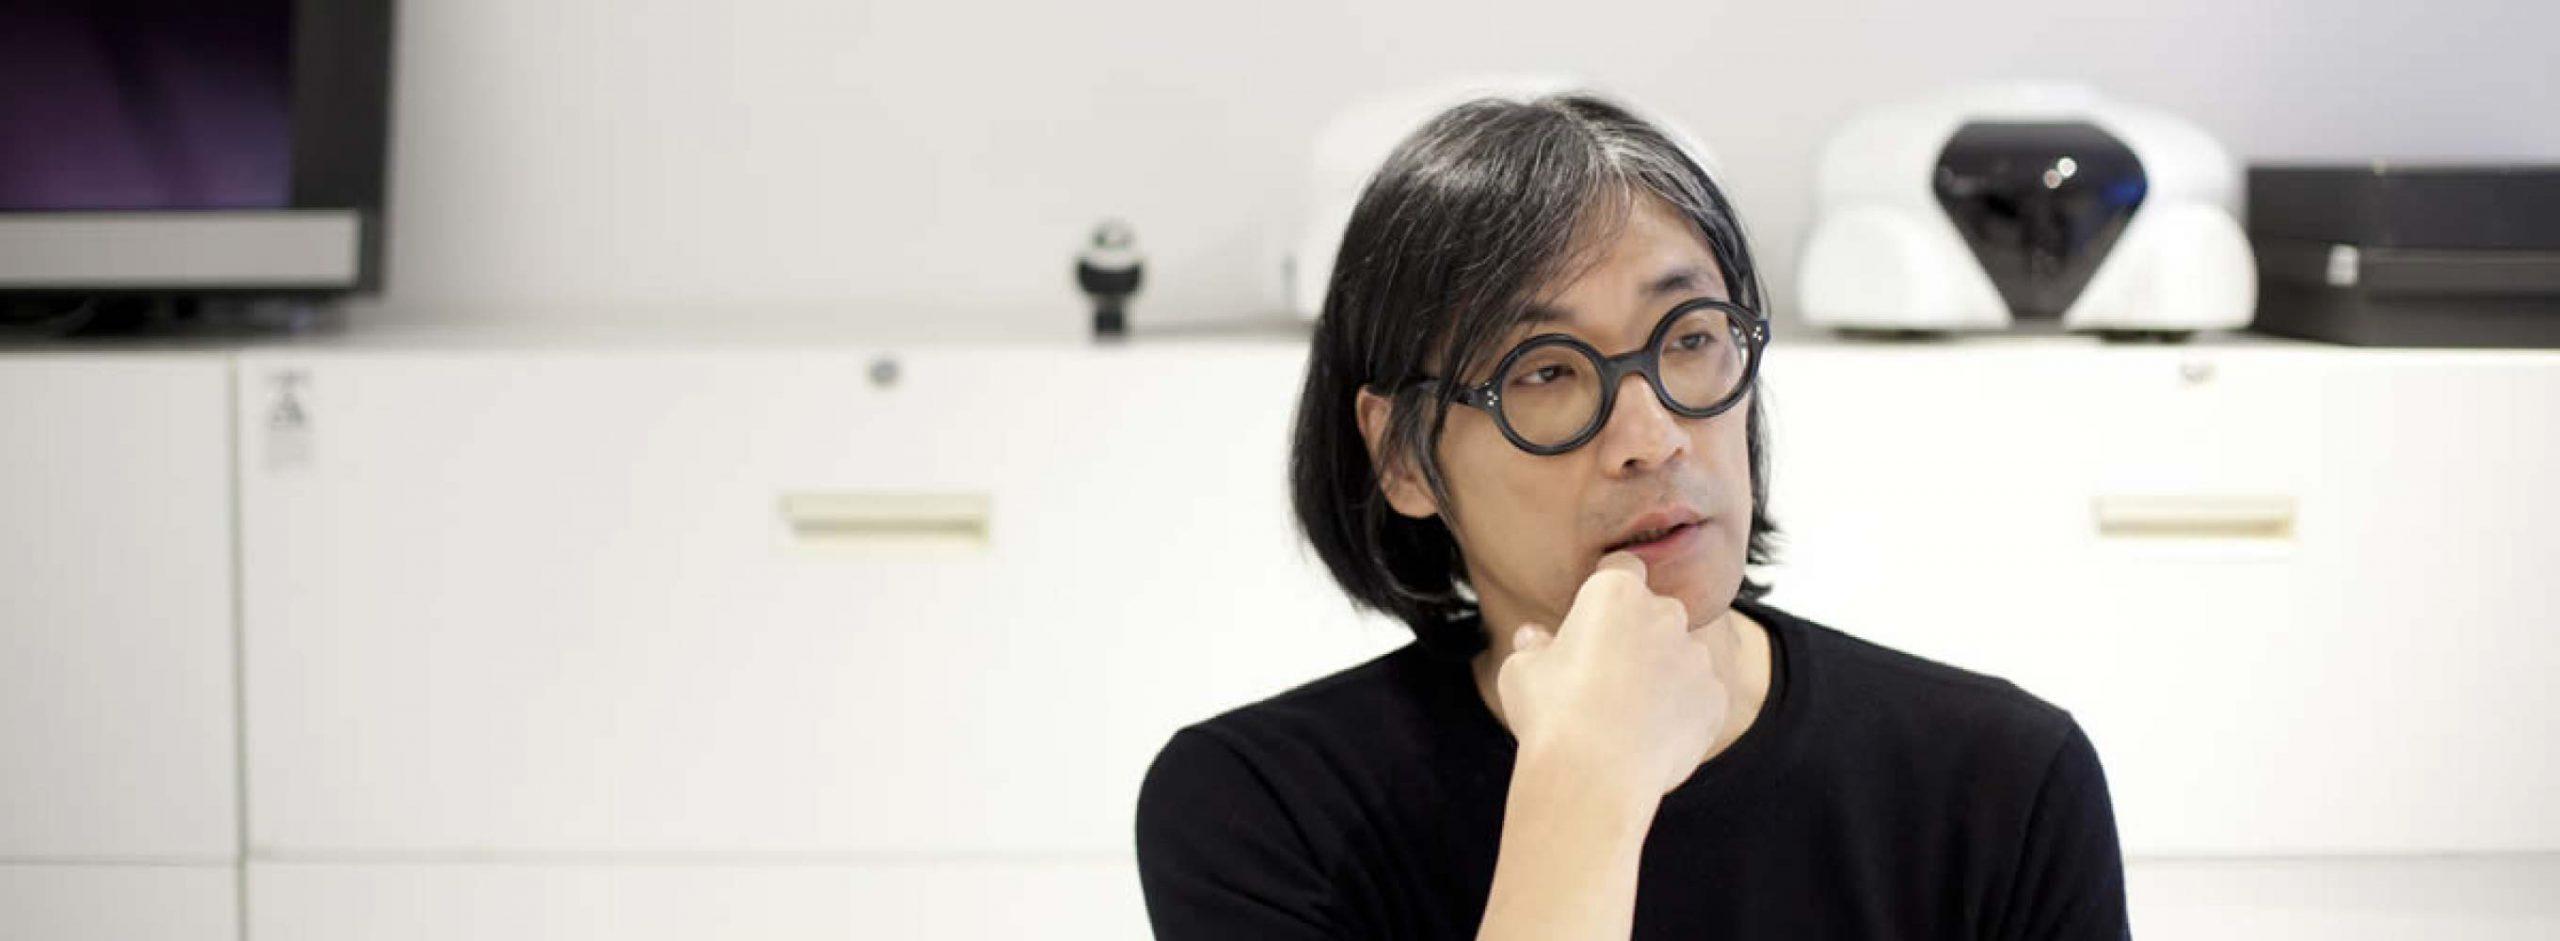 ロボットデザイナー・松井龍哉氏が、<br>コルビュジエの「LC7」を偏愛する理由